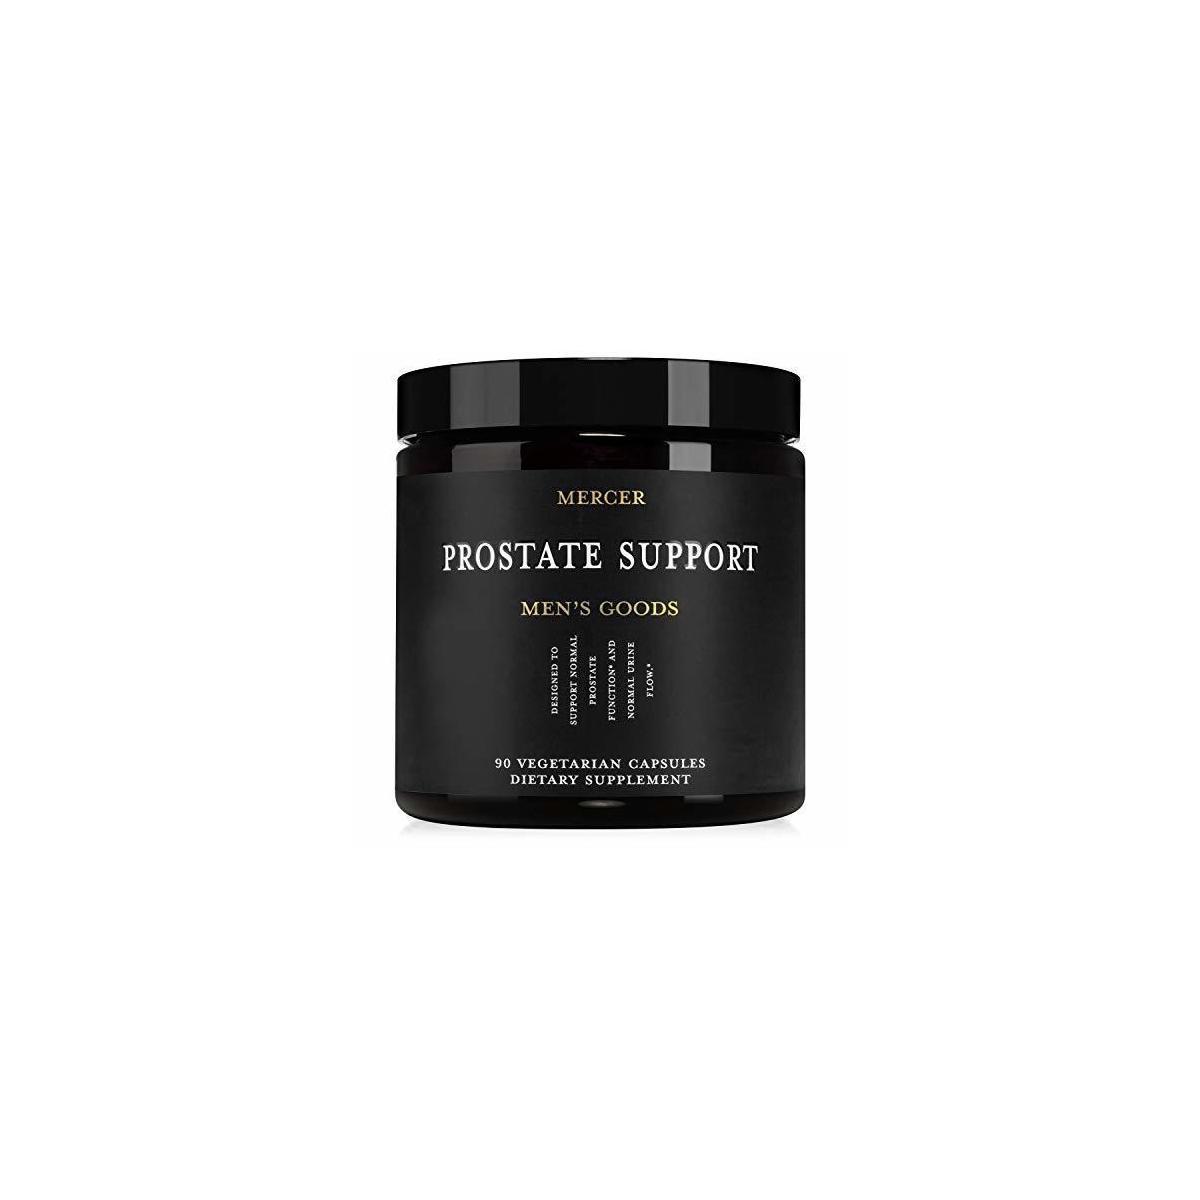 Prostate Health Support by Mercer Men's Goods